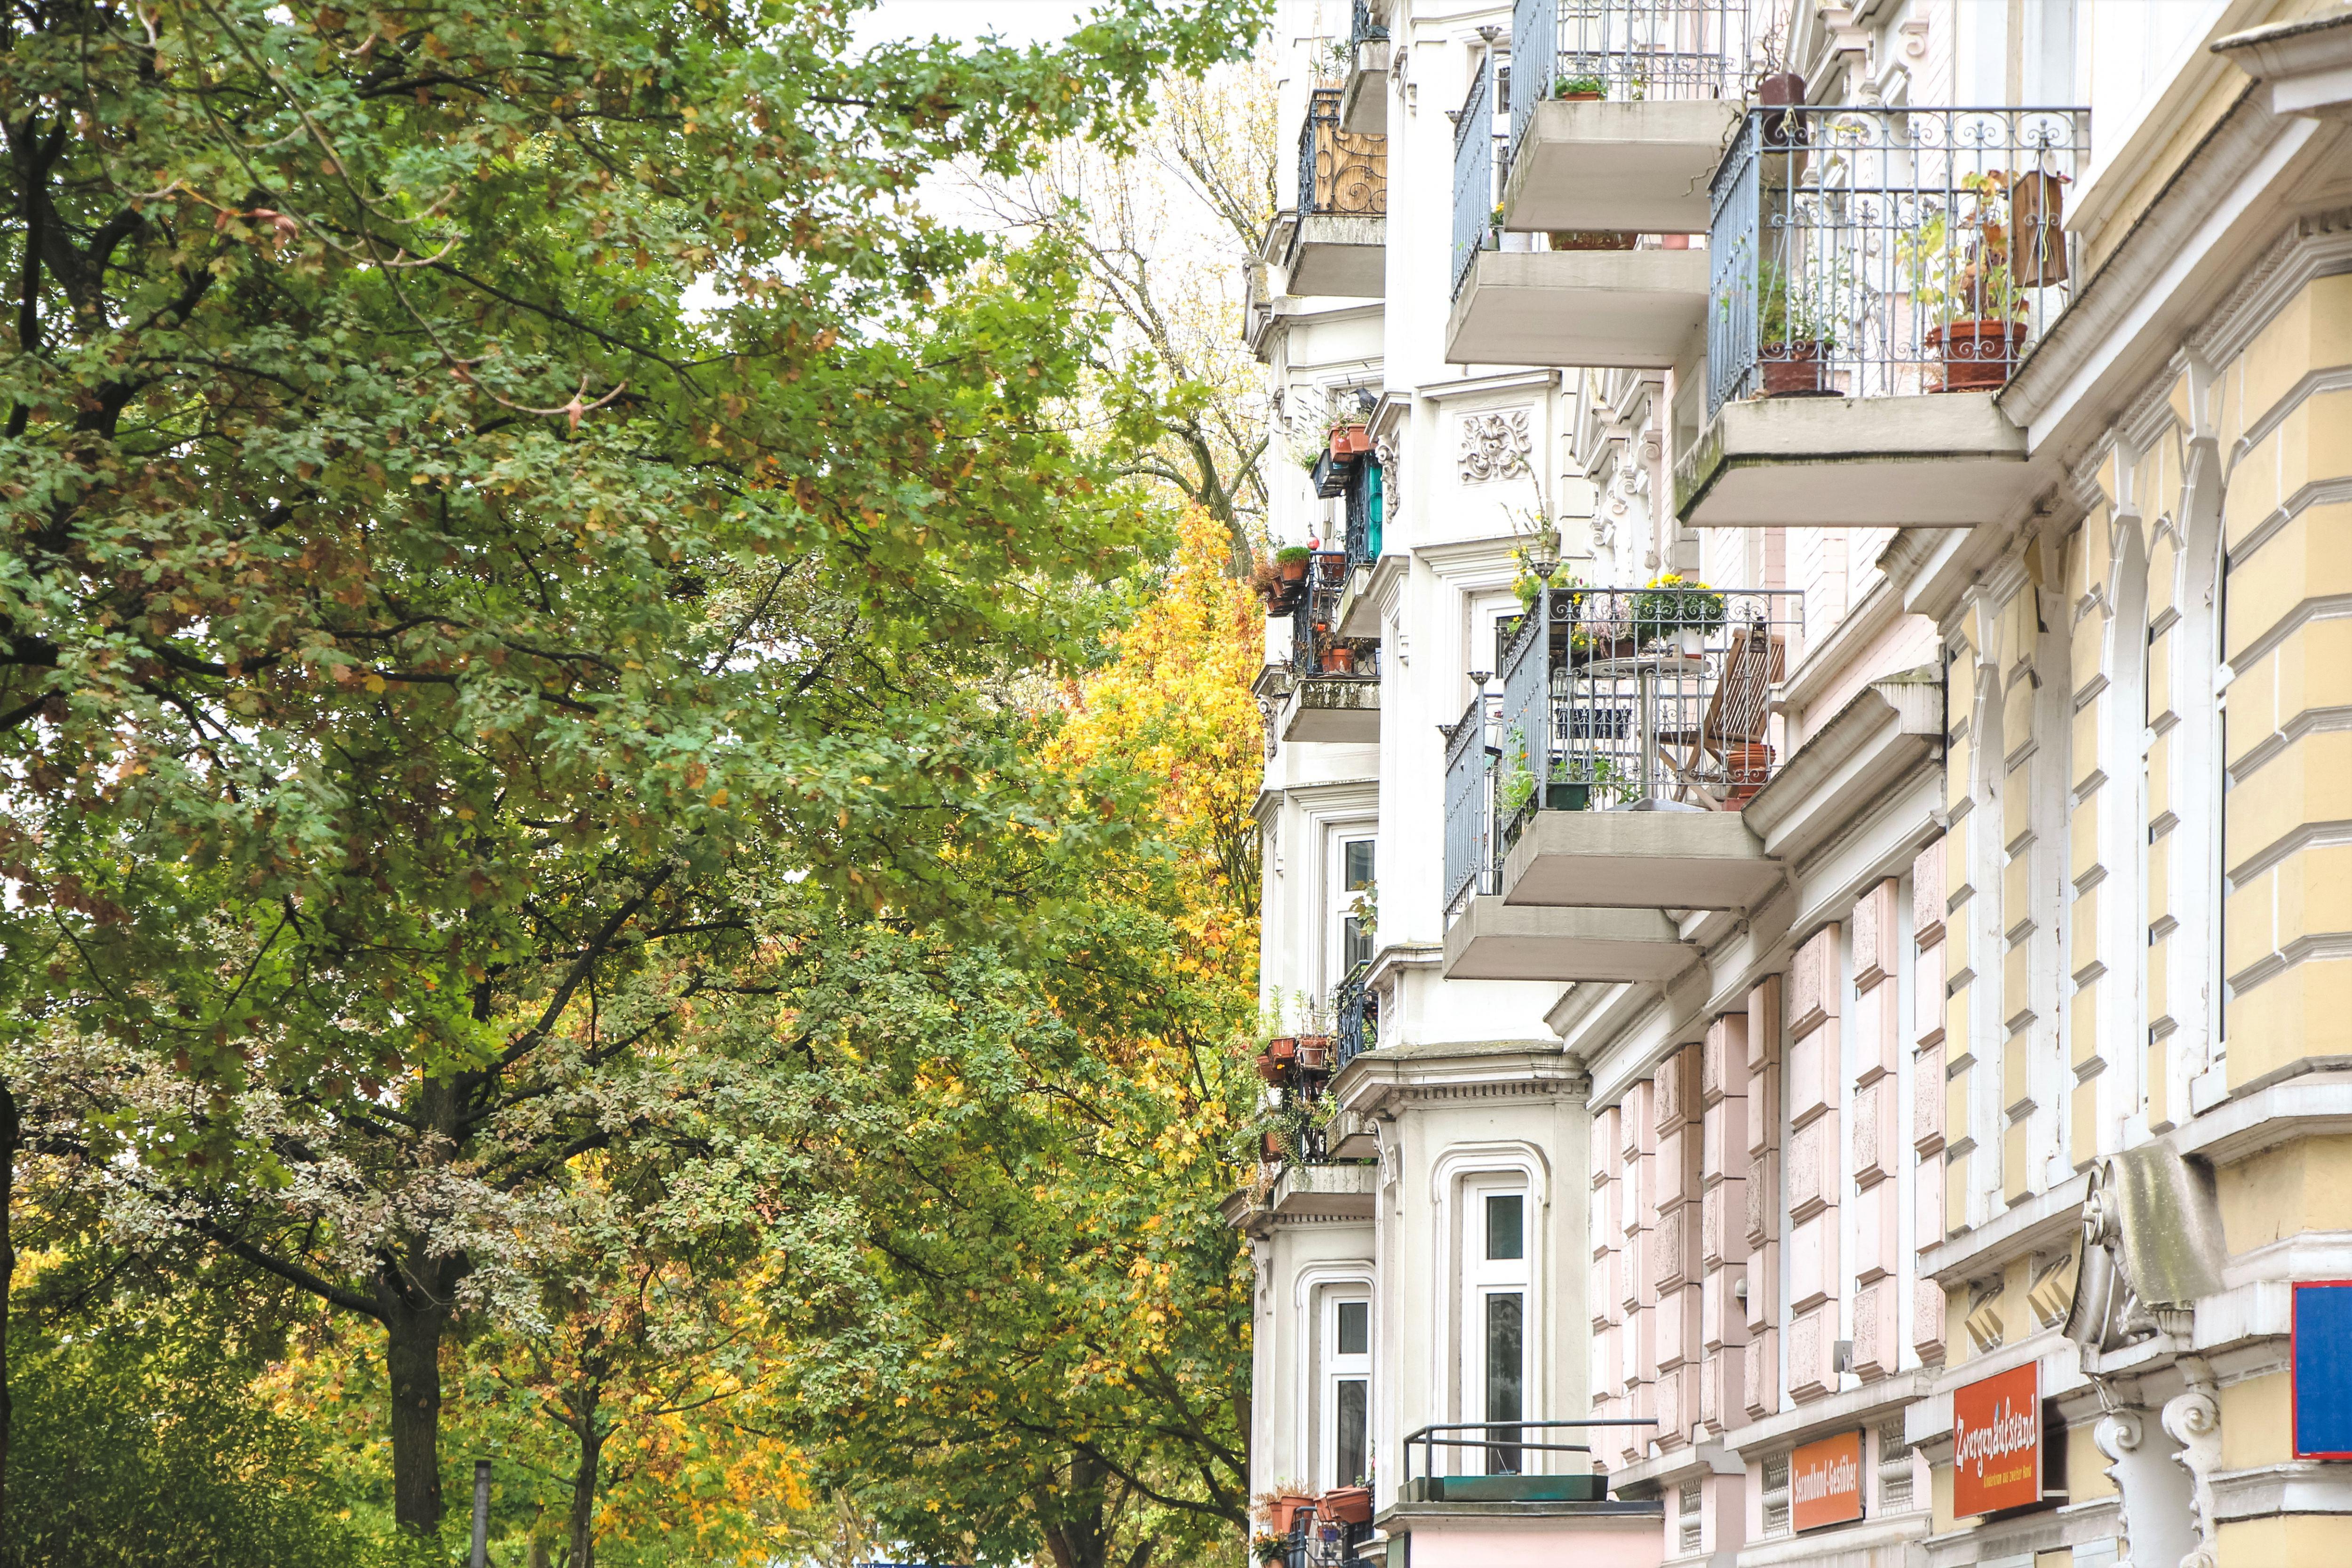 Zahlreiche Bäume und mehrgeschossige Wohngebäude säumen die Lappenbergsallee. Foto: Alicia Wischhusen